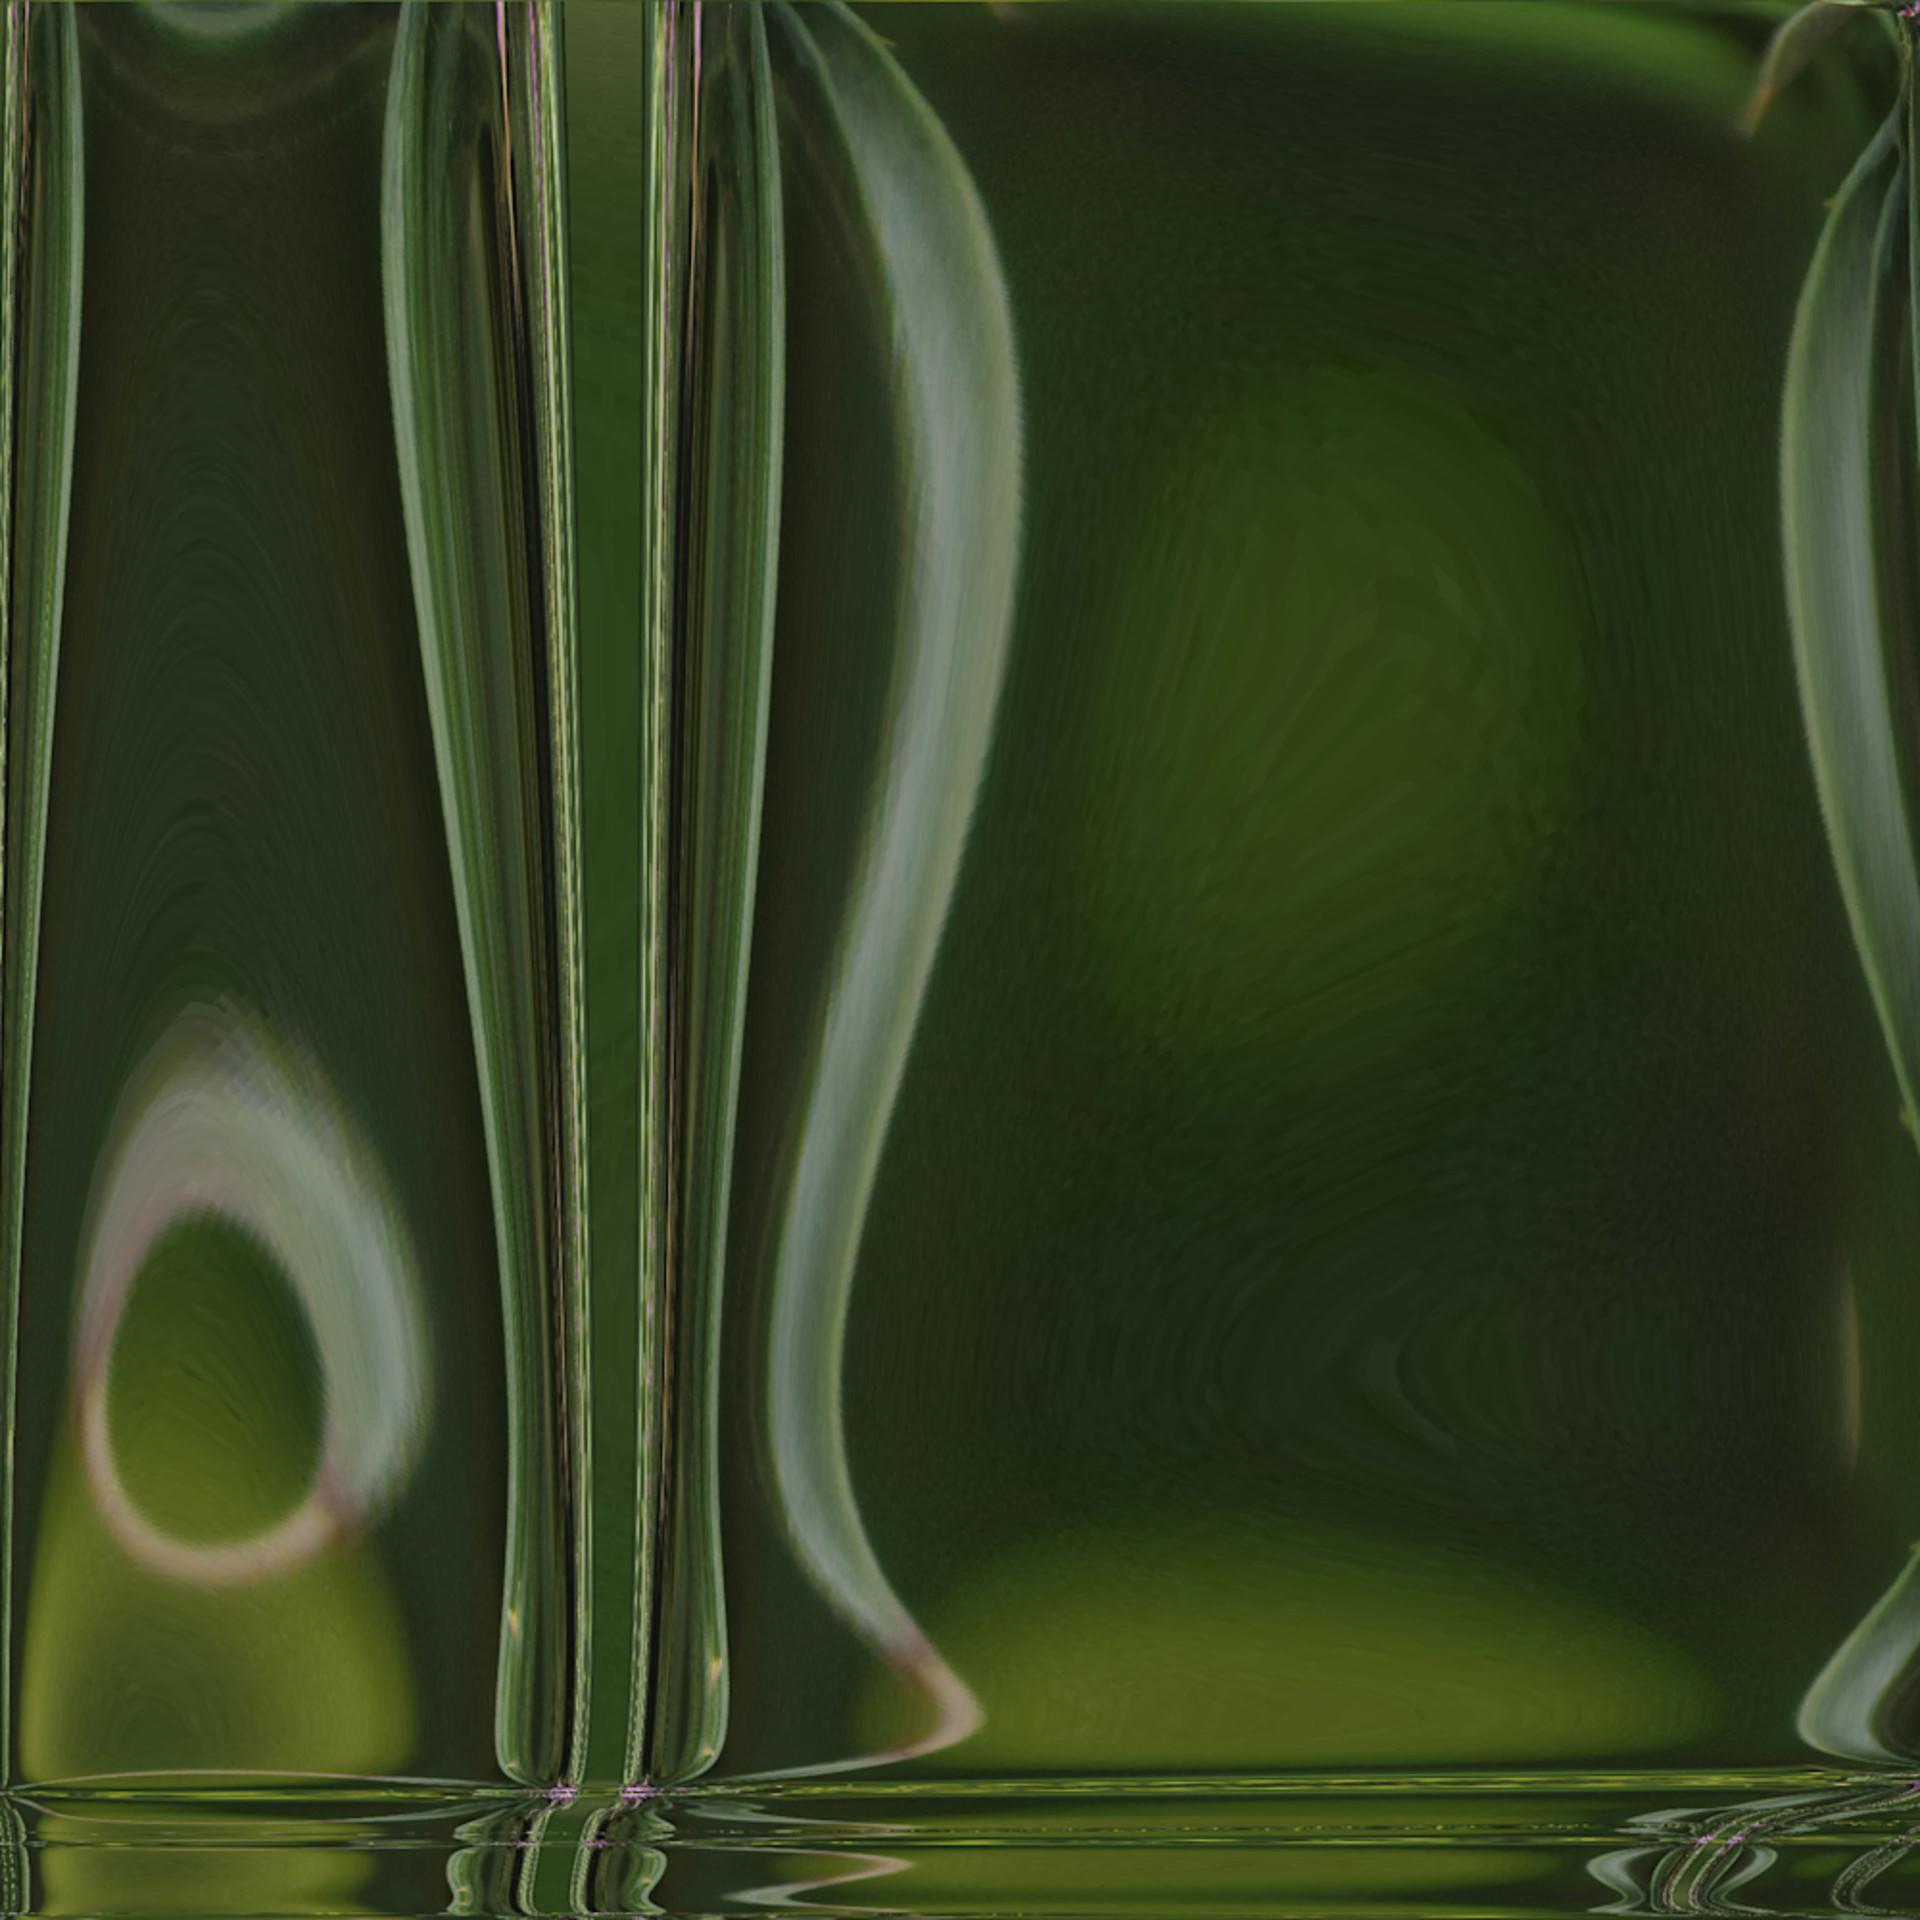 Glassine structures ii wjqmgr